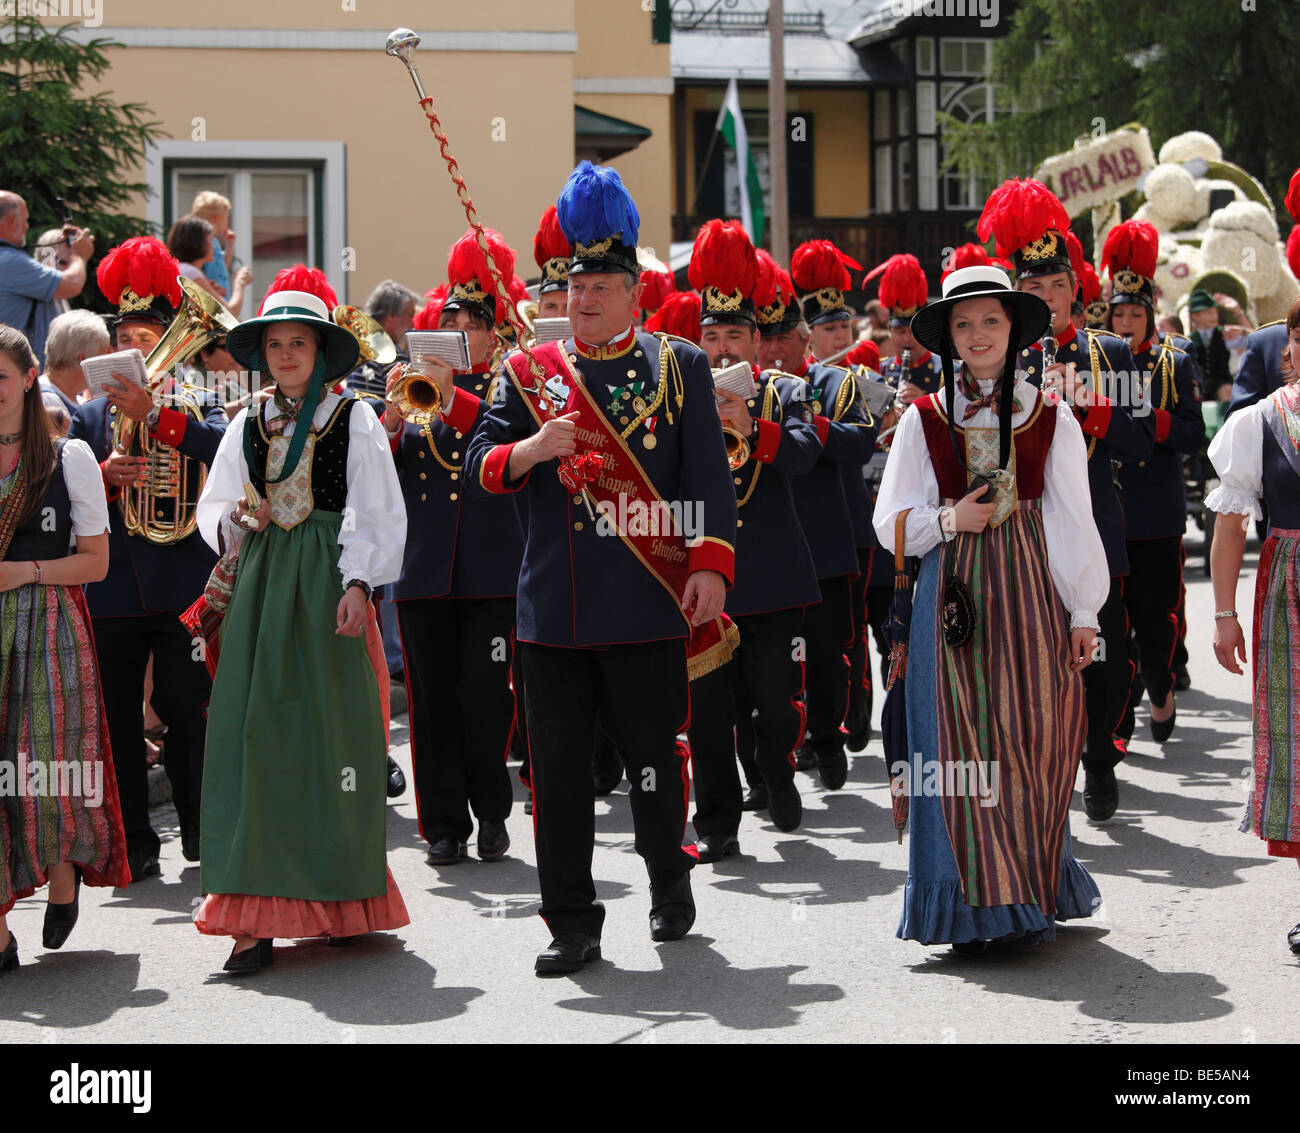 Feuerwehr-Band Strassen, Narzissenfest Narcissus-Festival in Bad Aussee, Ausseer Land, Salzkammergut-Region, Steiermark, Stockbild